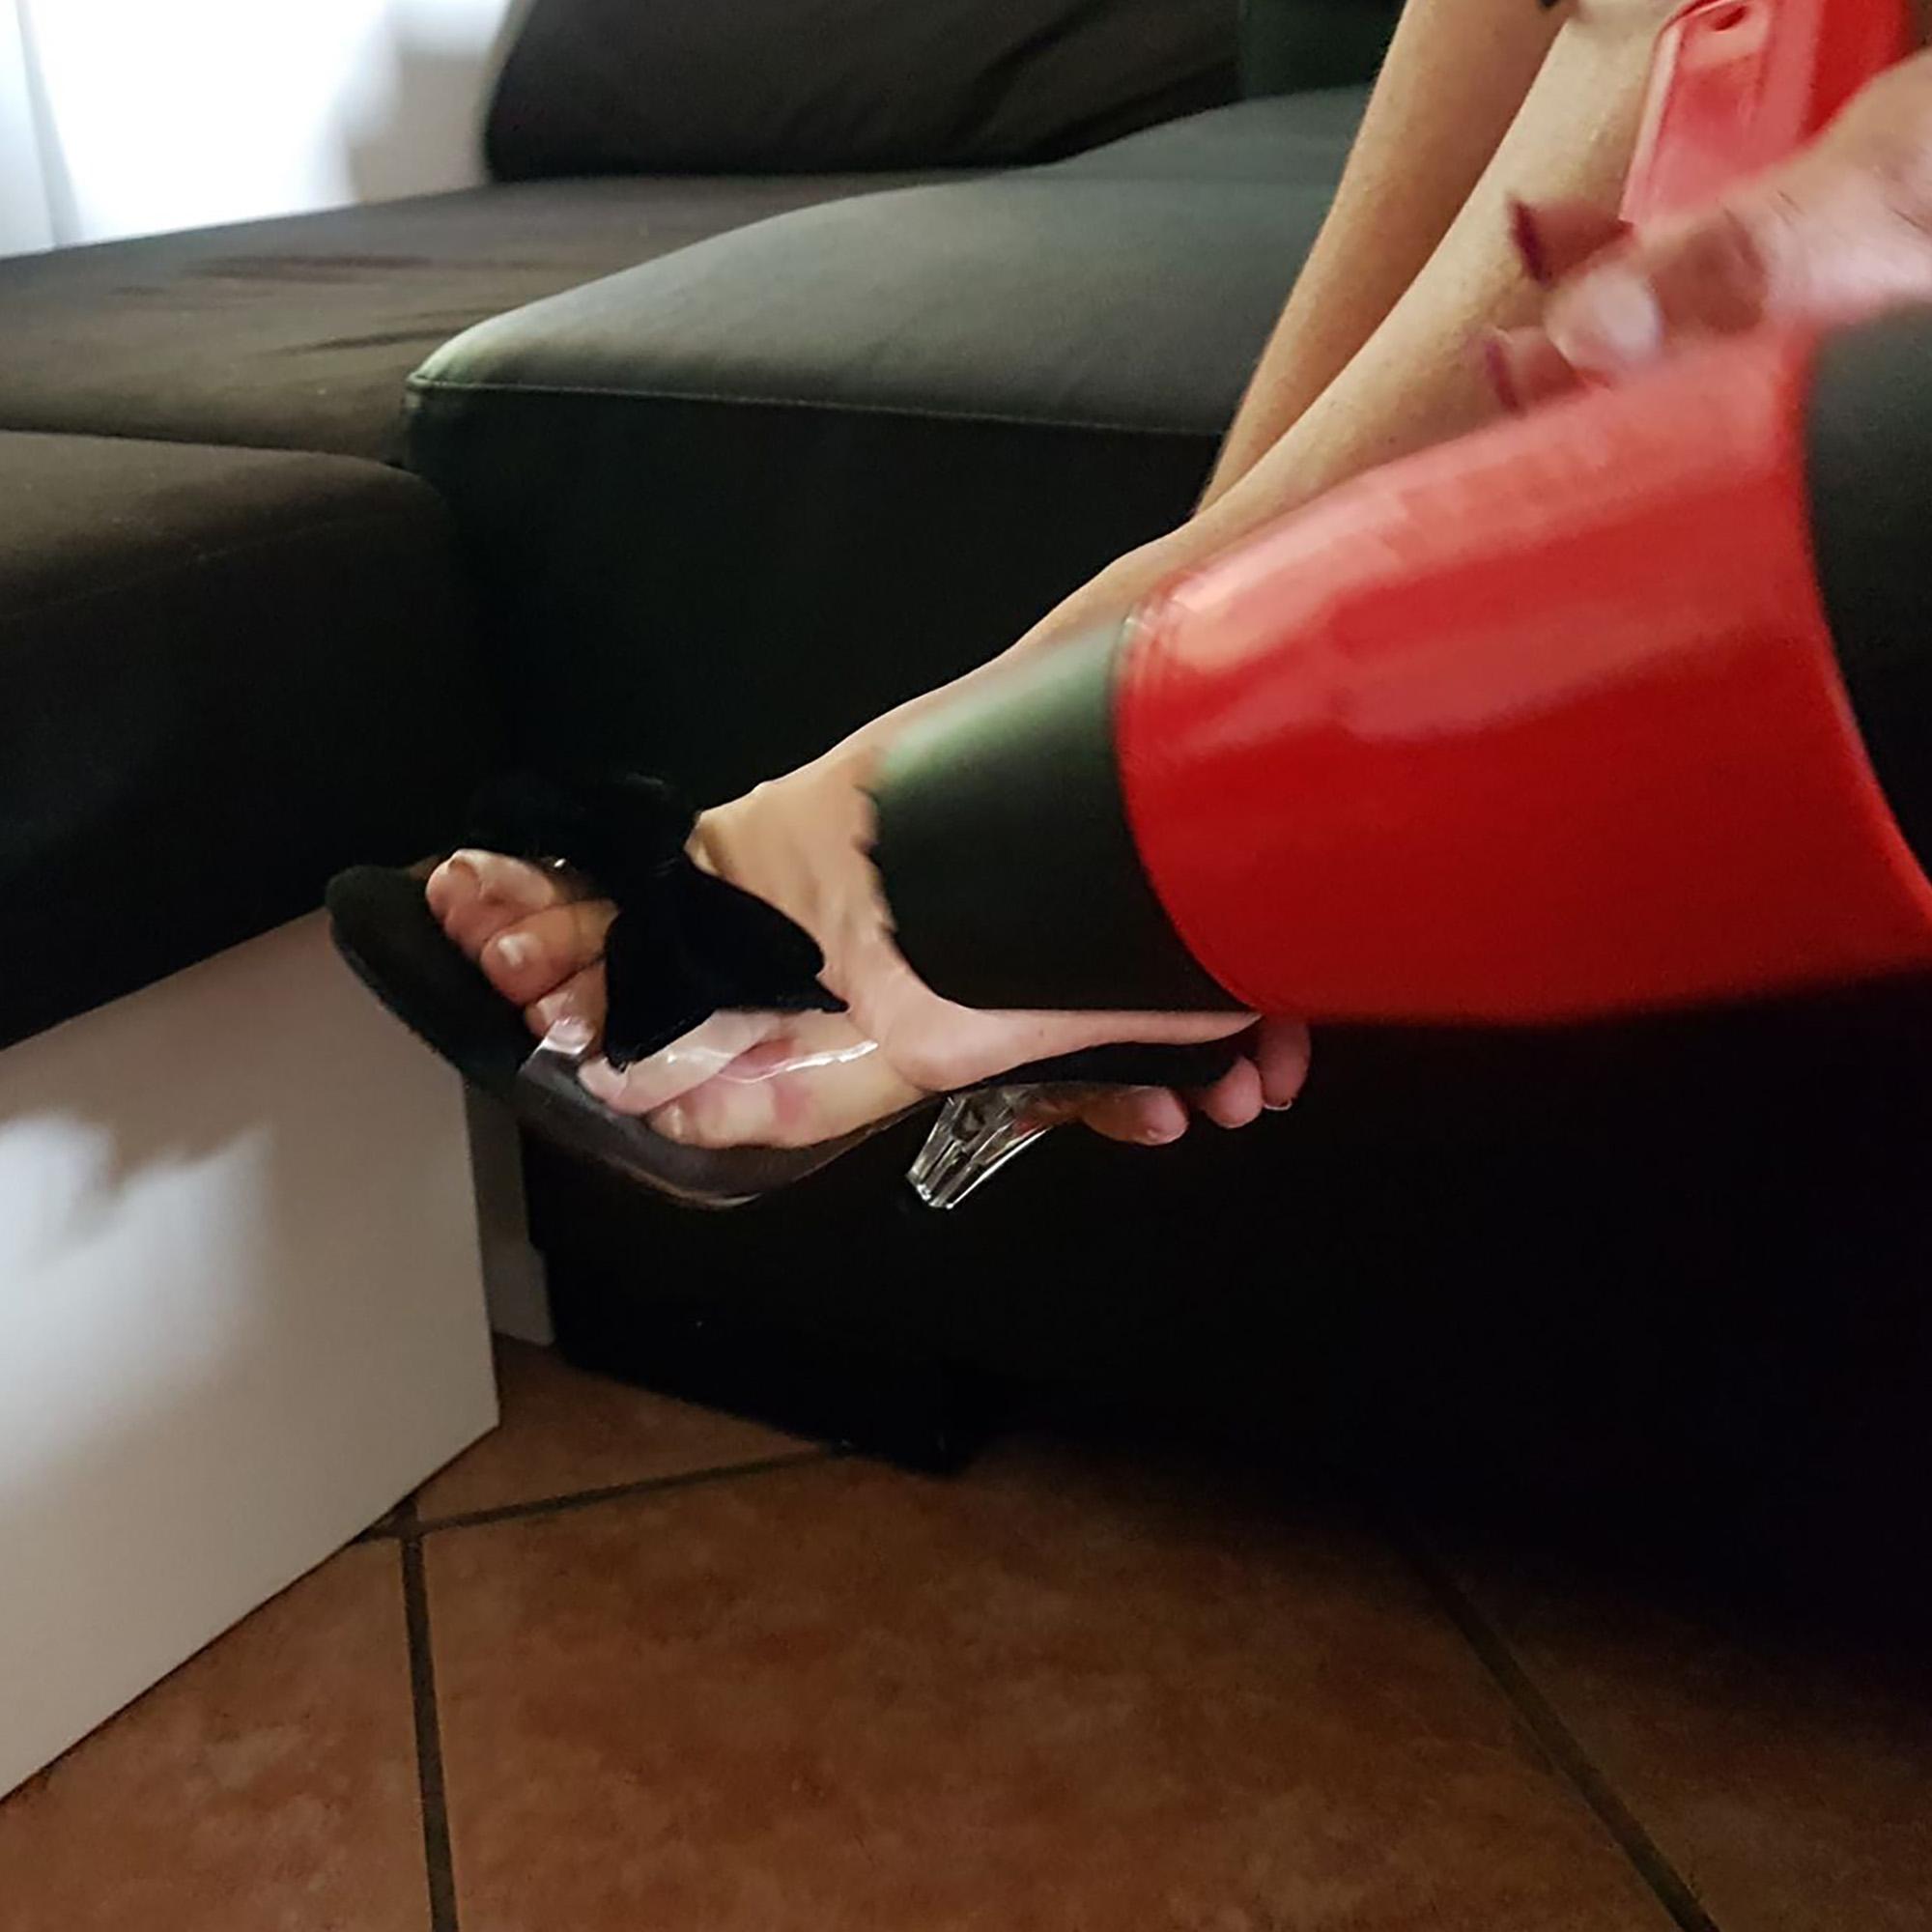 En Le Hauts Blog Plastique Des Assouplir Comment Talons Les Chaussures qXxwfpORt